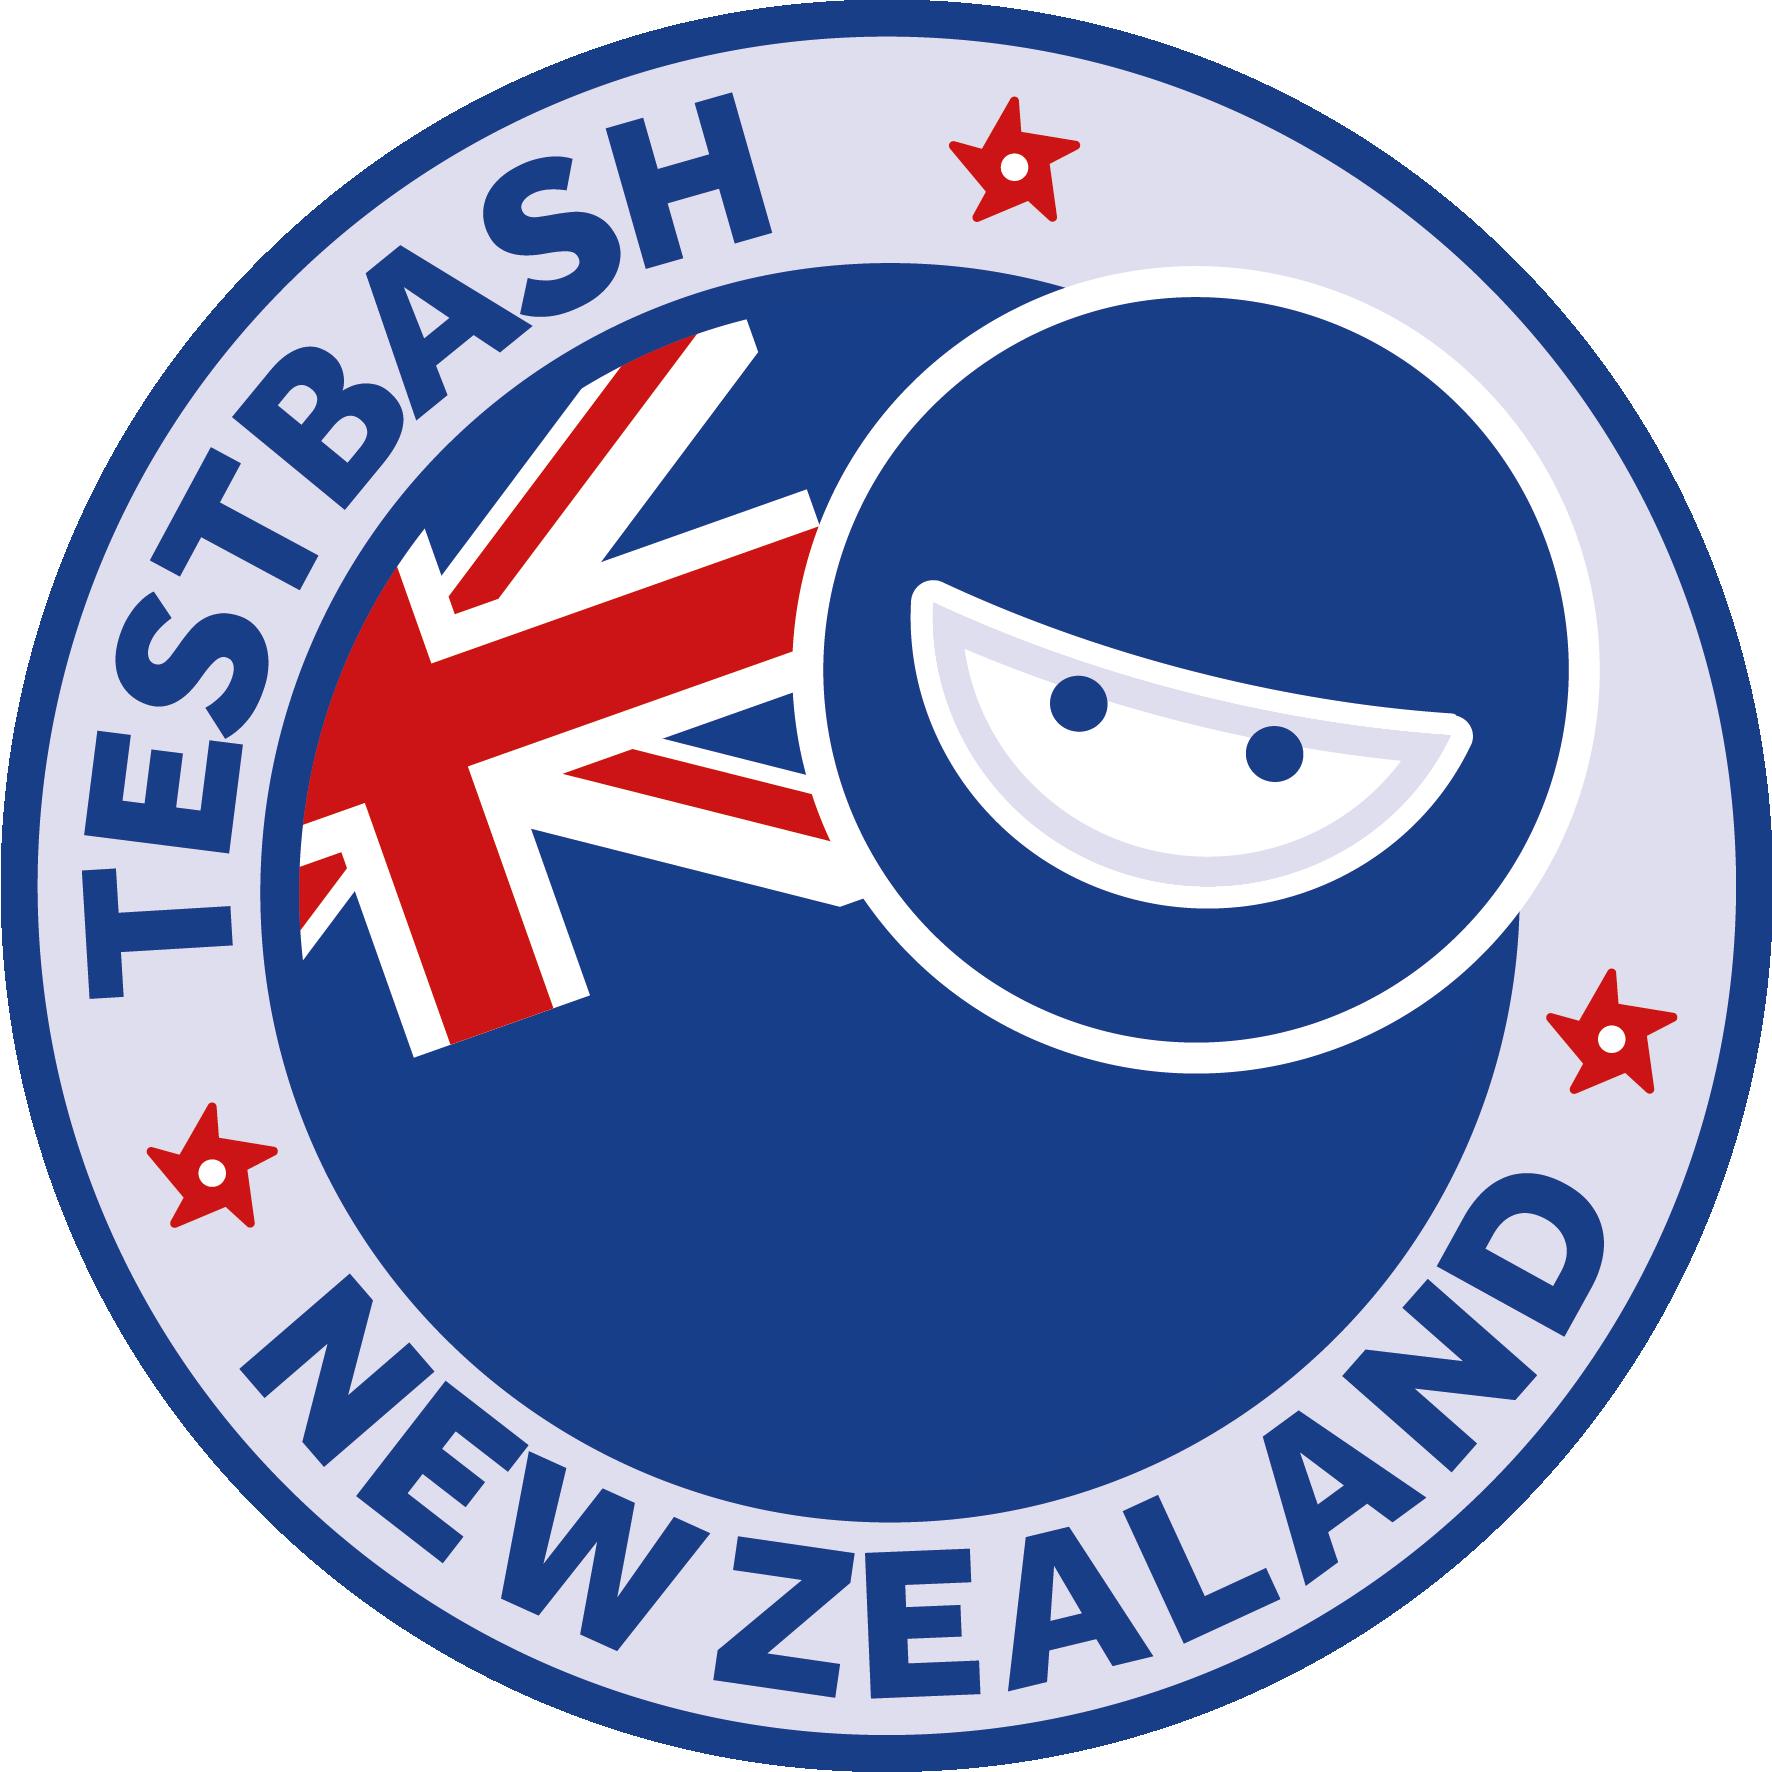 TestBash New Zealand 2019 logo